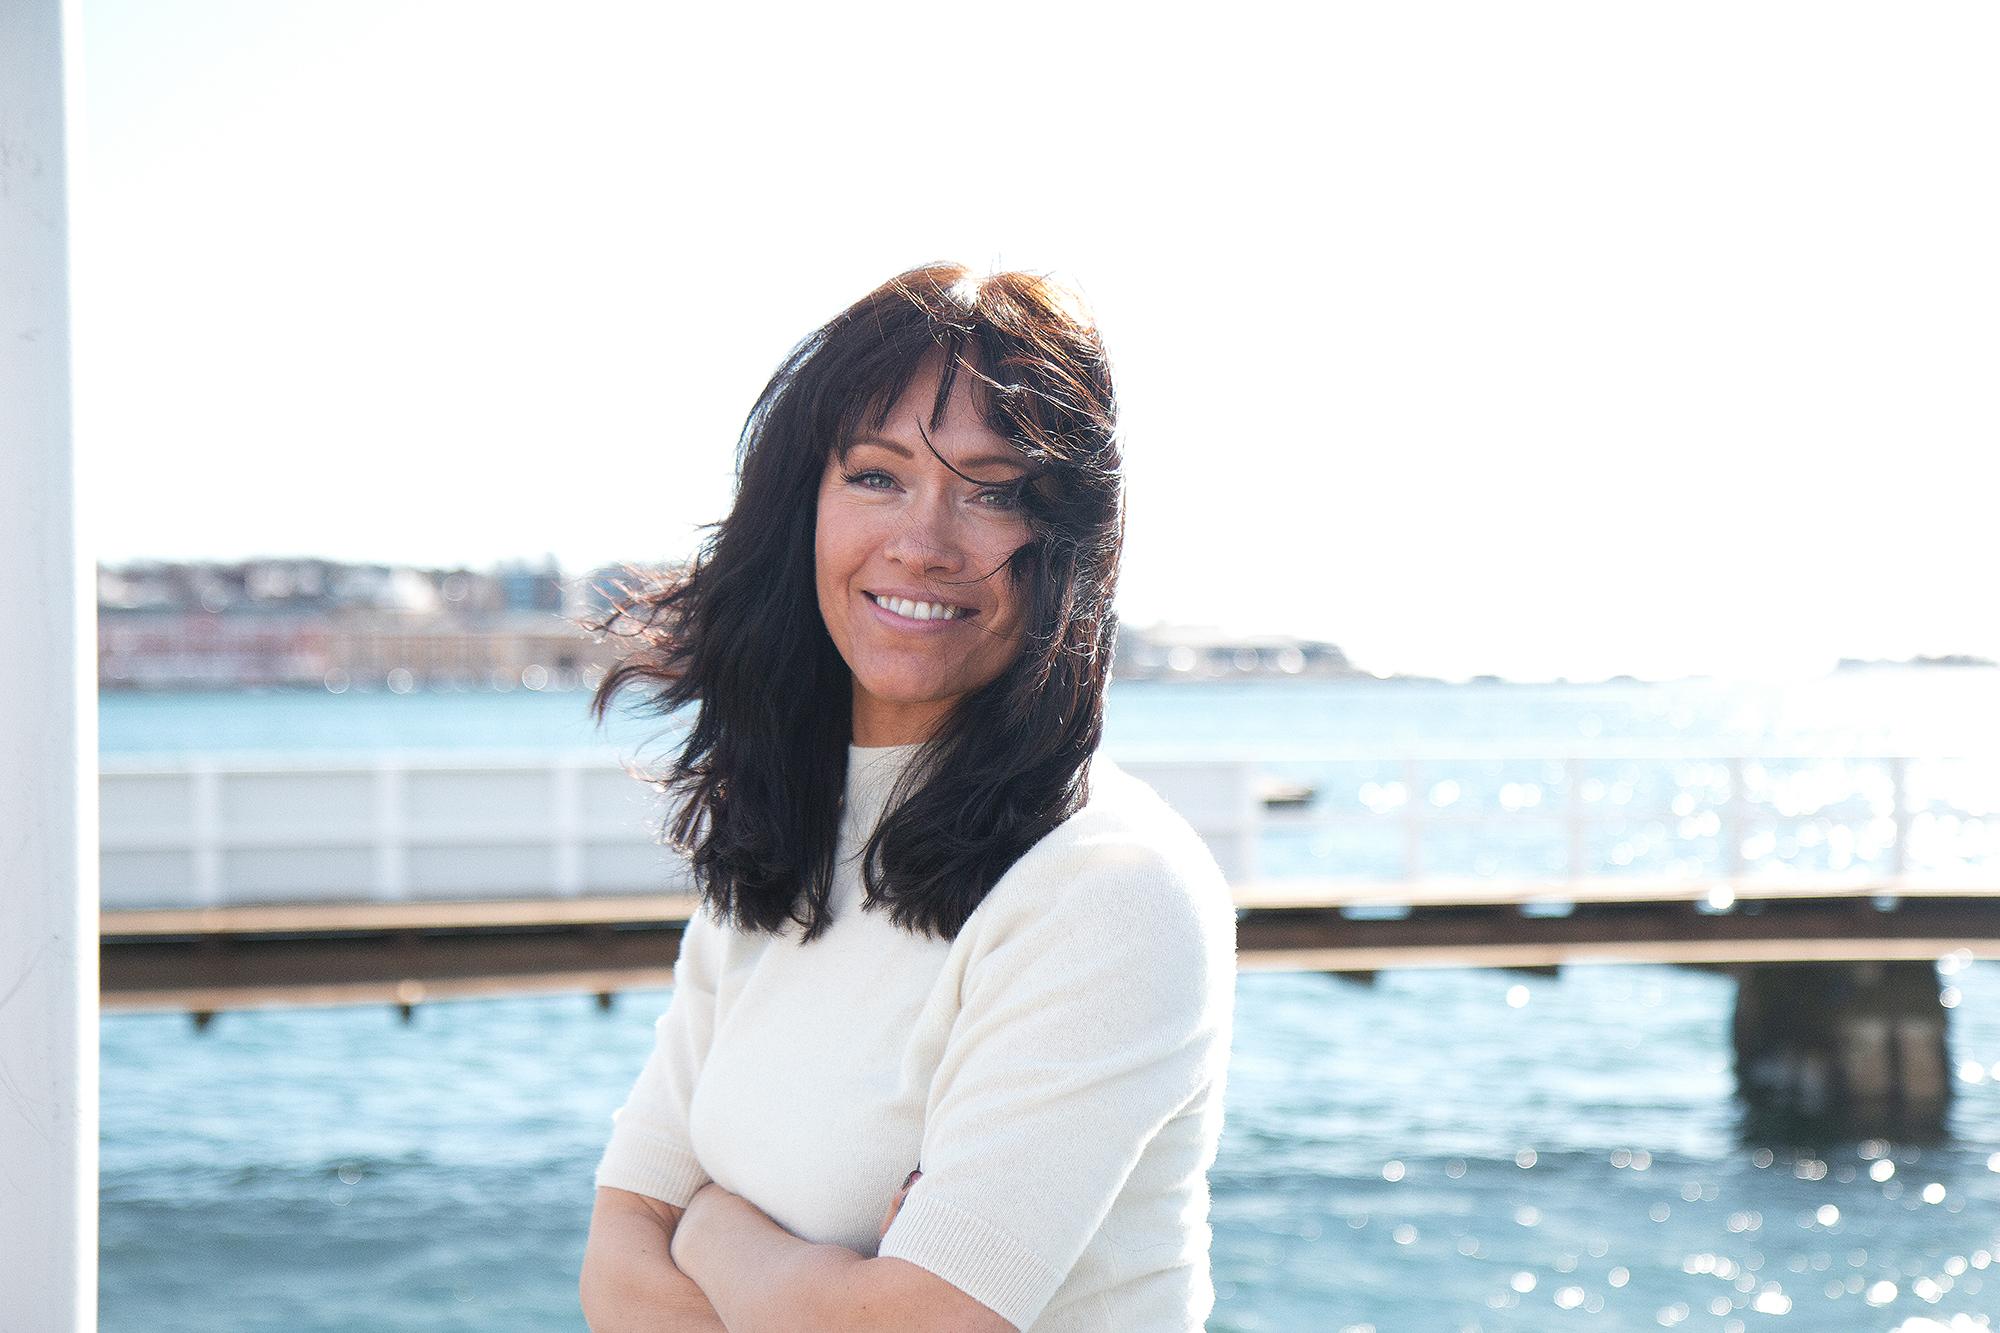 Gleder seg: Direktør for salg og marked i Fjord Line, Trine Lise Woldbæk. Foto: Fjord Line